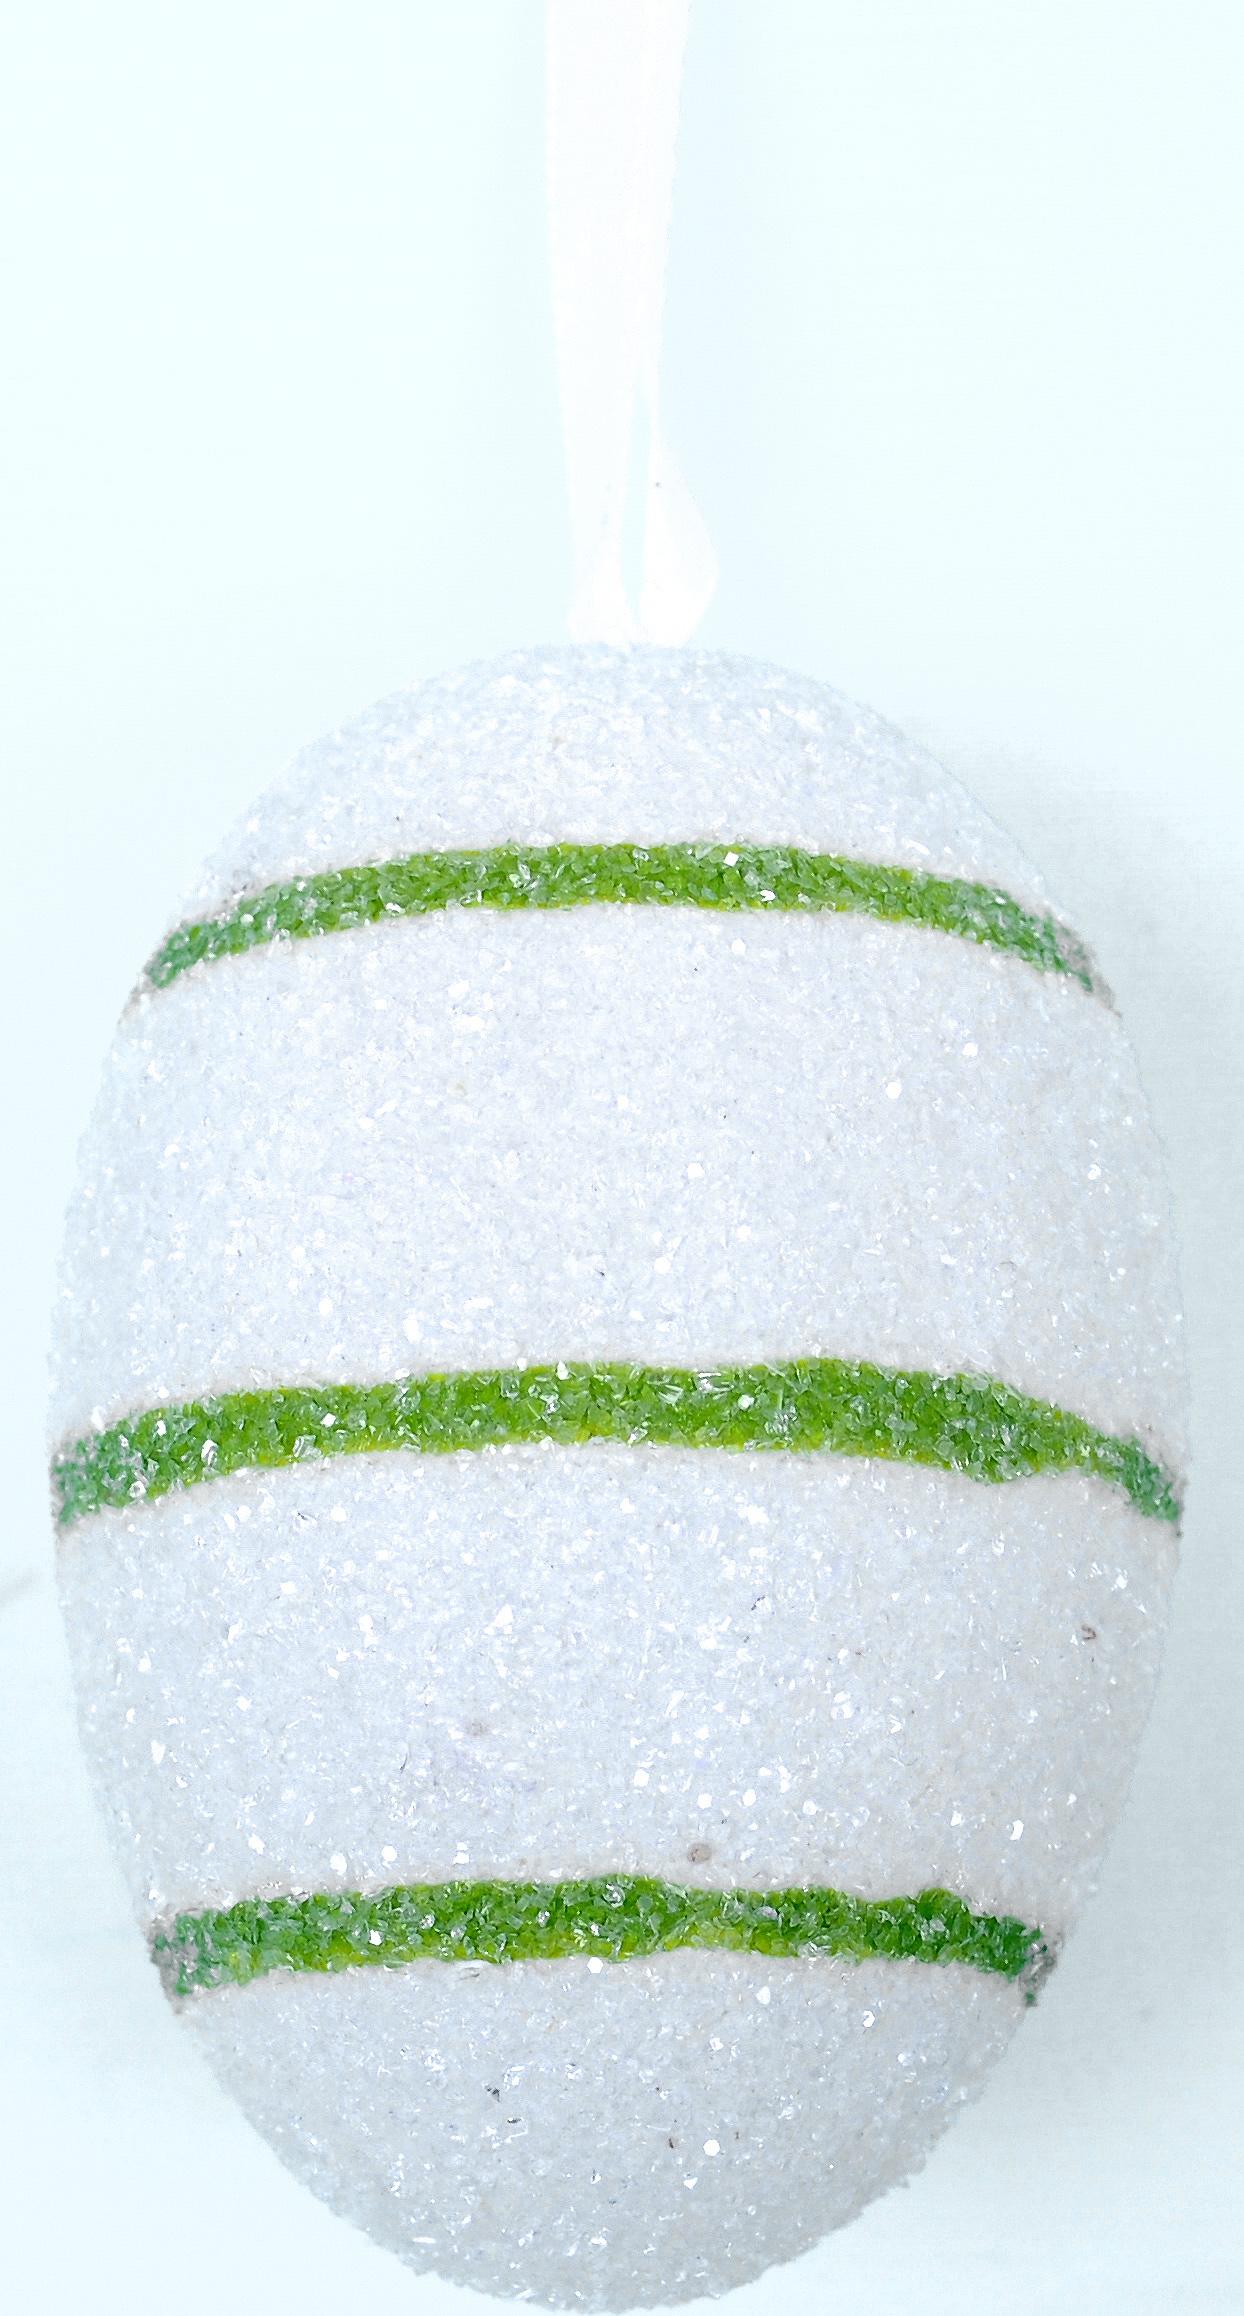 Декоративное подвесное украшение Home Queen Яйцо. Полоска, цвет: белый. 60783_160783_1Подвесное украшение Home Queen Яйцо. Полоска, выполненное в форме яйца, изготовлено из пластика и декорировано блестками. Изделие оснащено текстильной петелькой для подвешивания. Такое украшение прекрасно оформит интерьер дома или станет замечательным подарком для друзей и близких на Пасху. Размер яйца: 4 см х 4 см х 6 см.